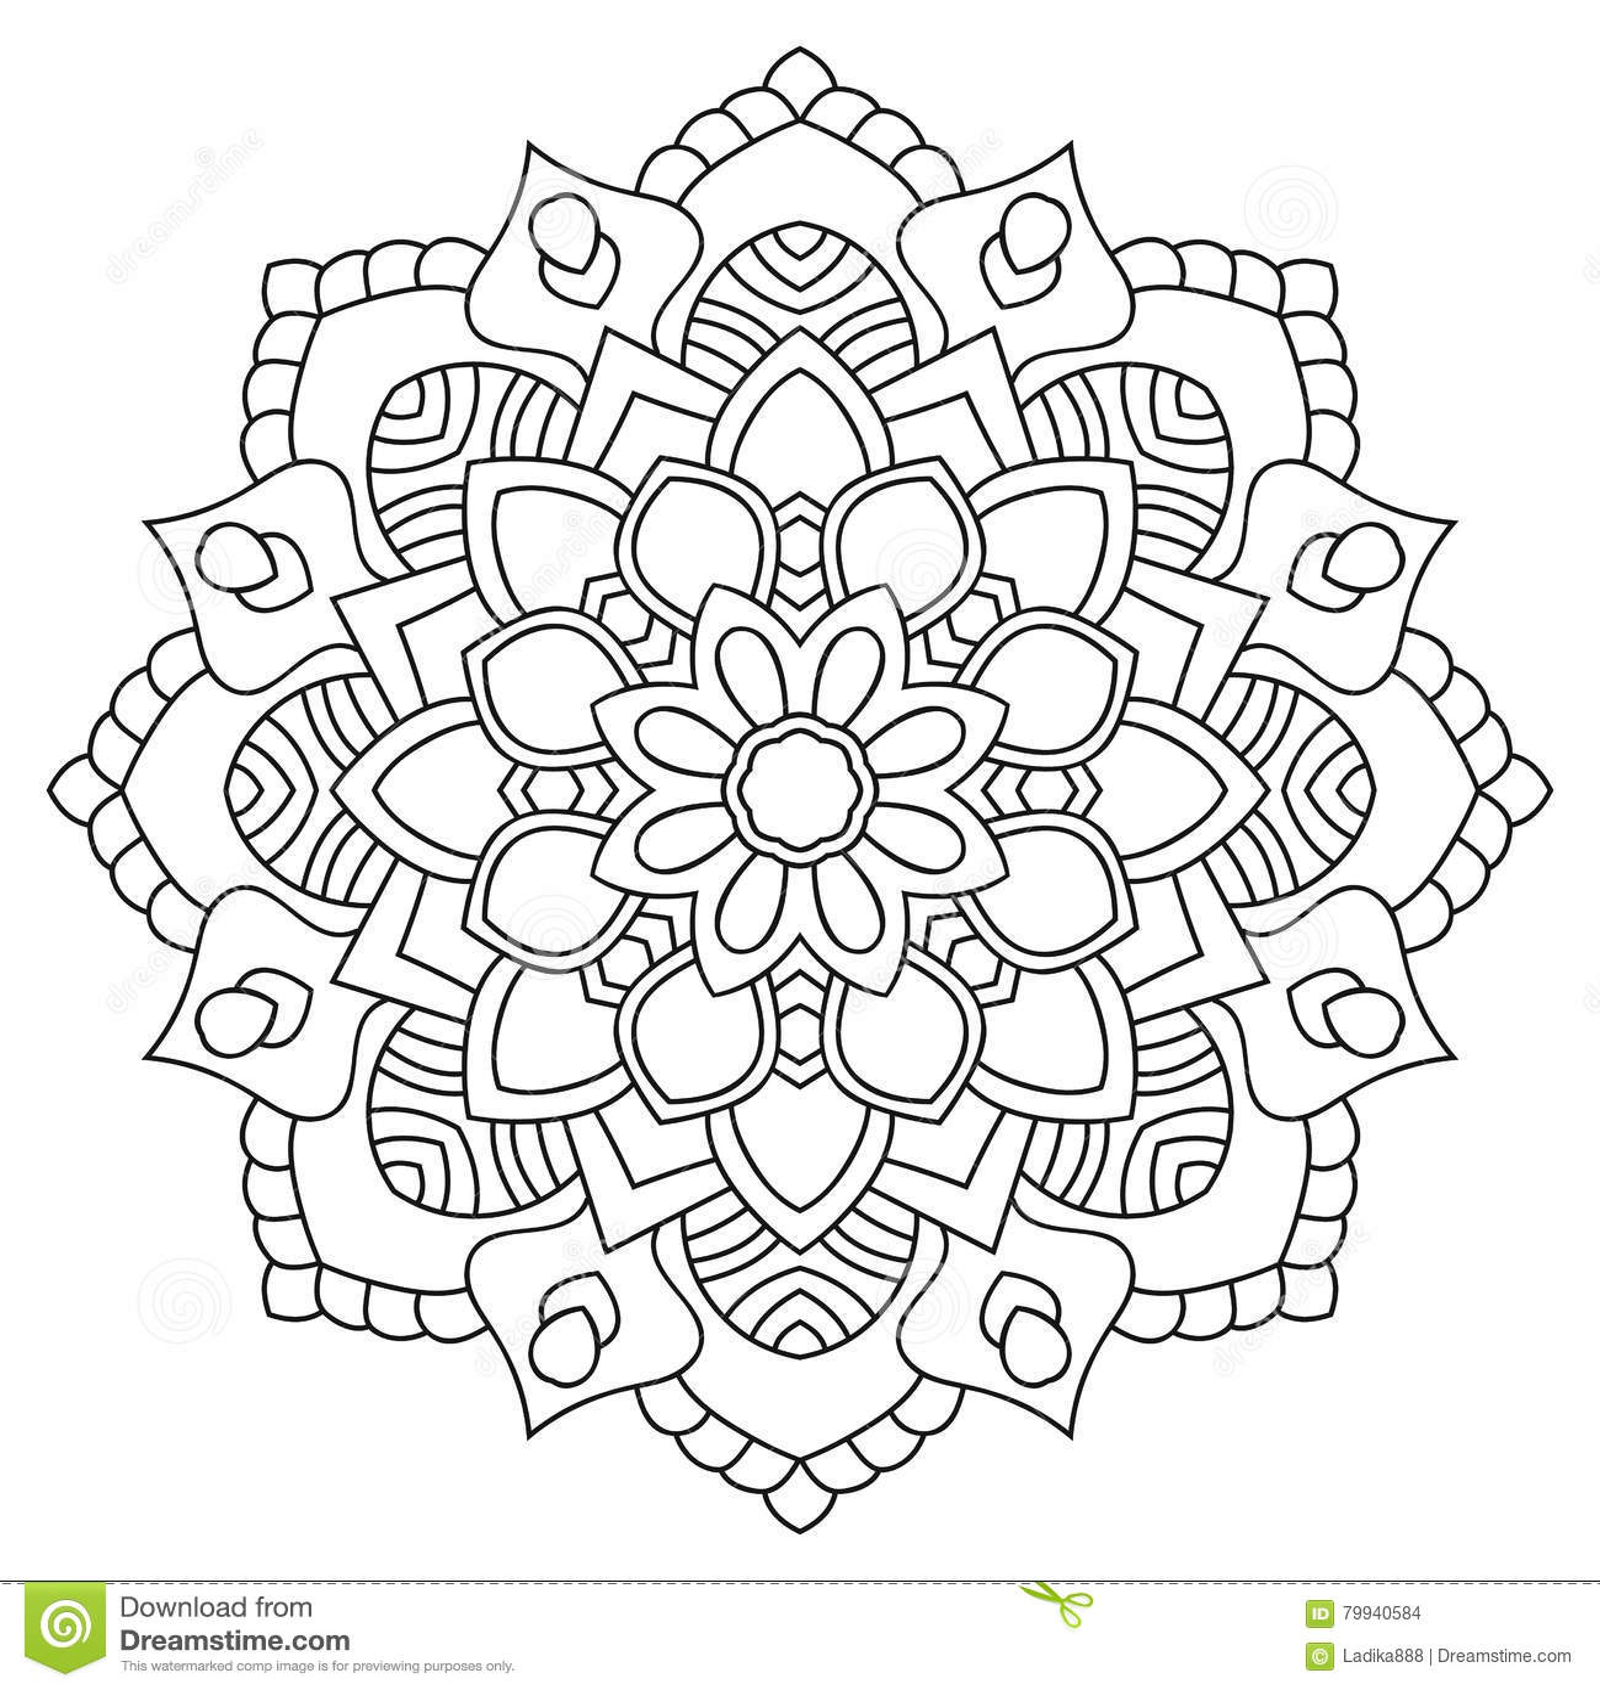 Coloriage Mandala Rond.Mandala Rond D Ensemble Pour Livre De Coloriage Cru Decoratif